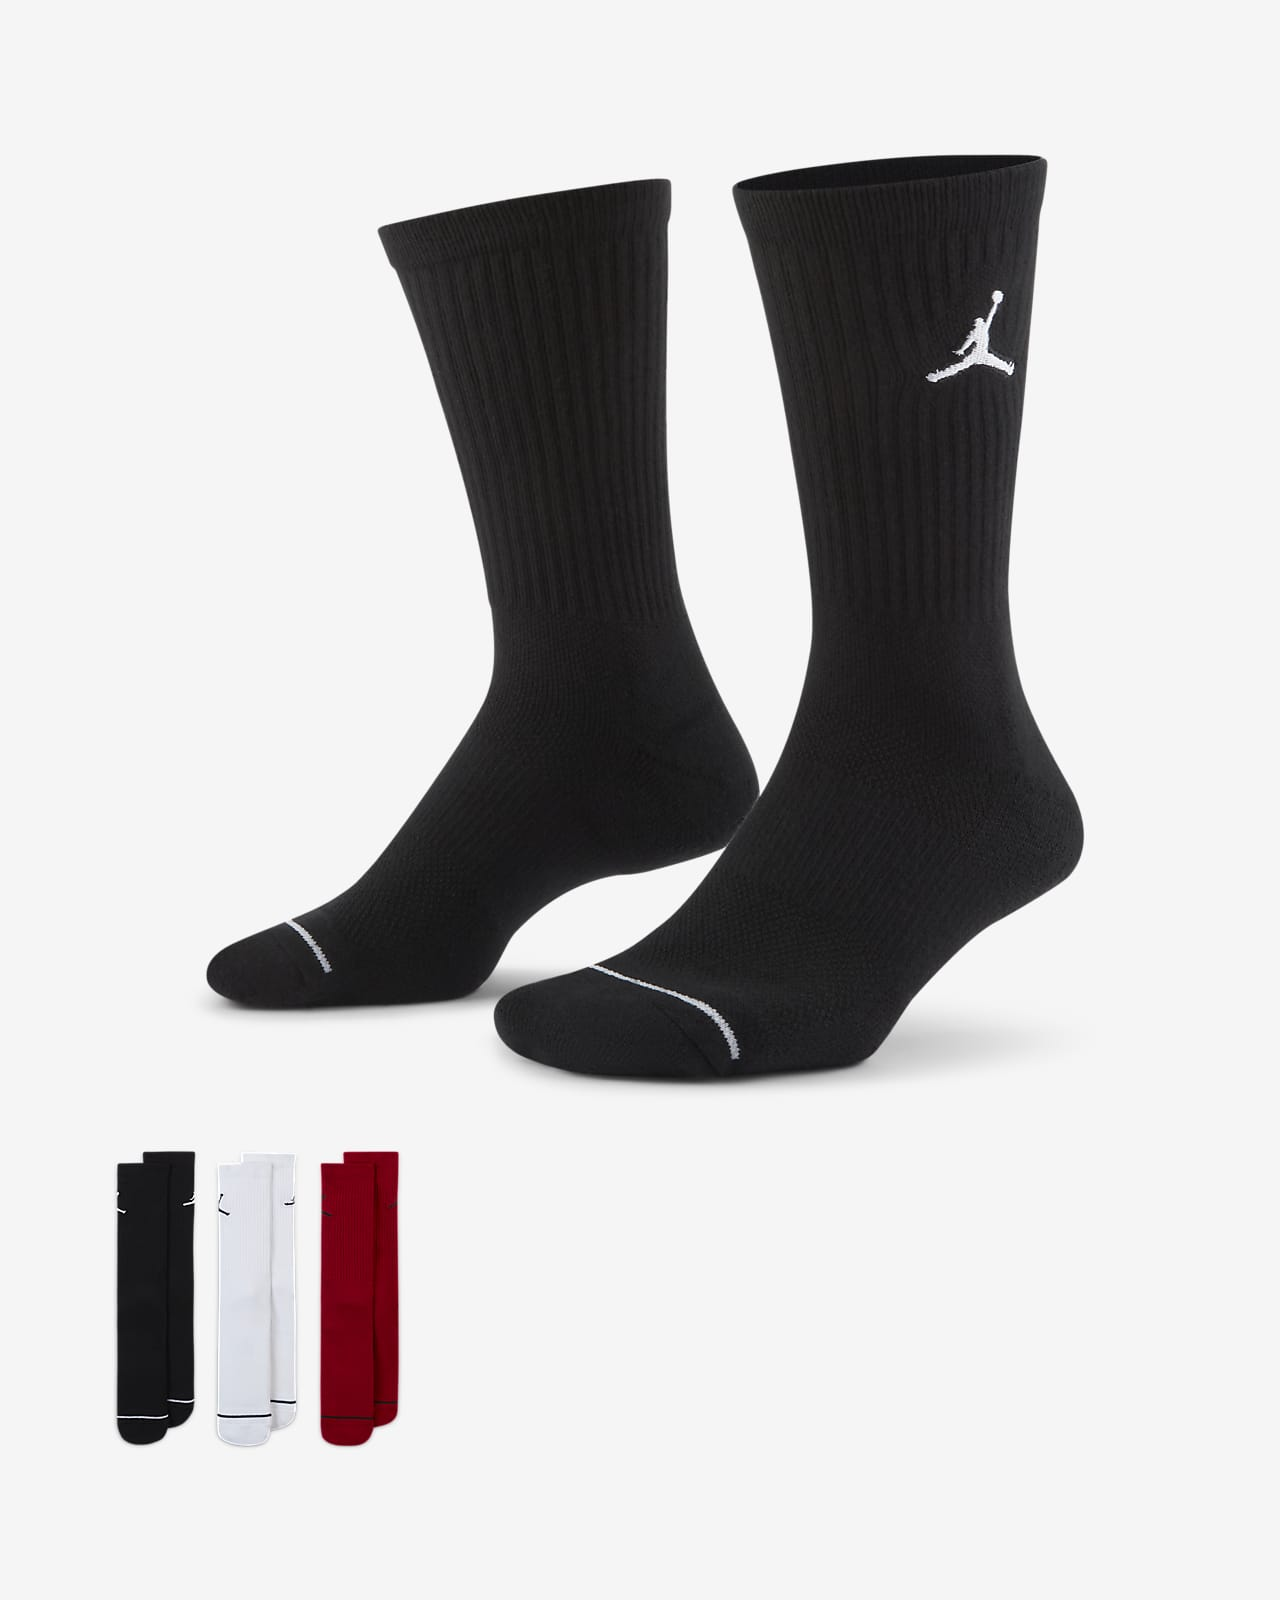 Calcetines largos unisex Jordan Everyday Max (3 pares)